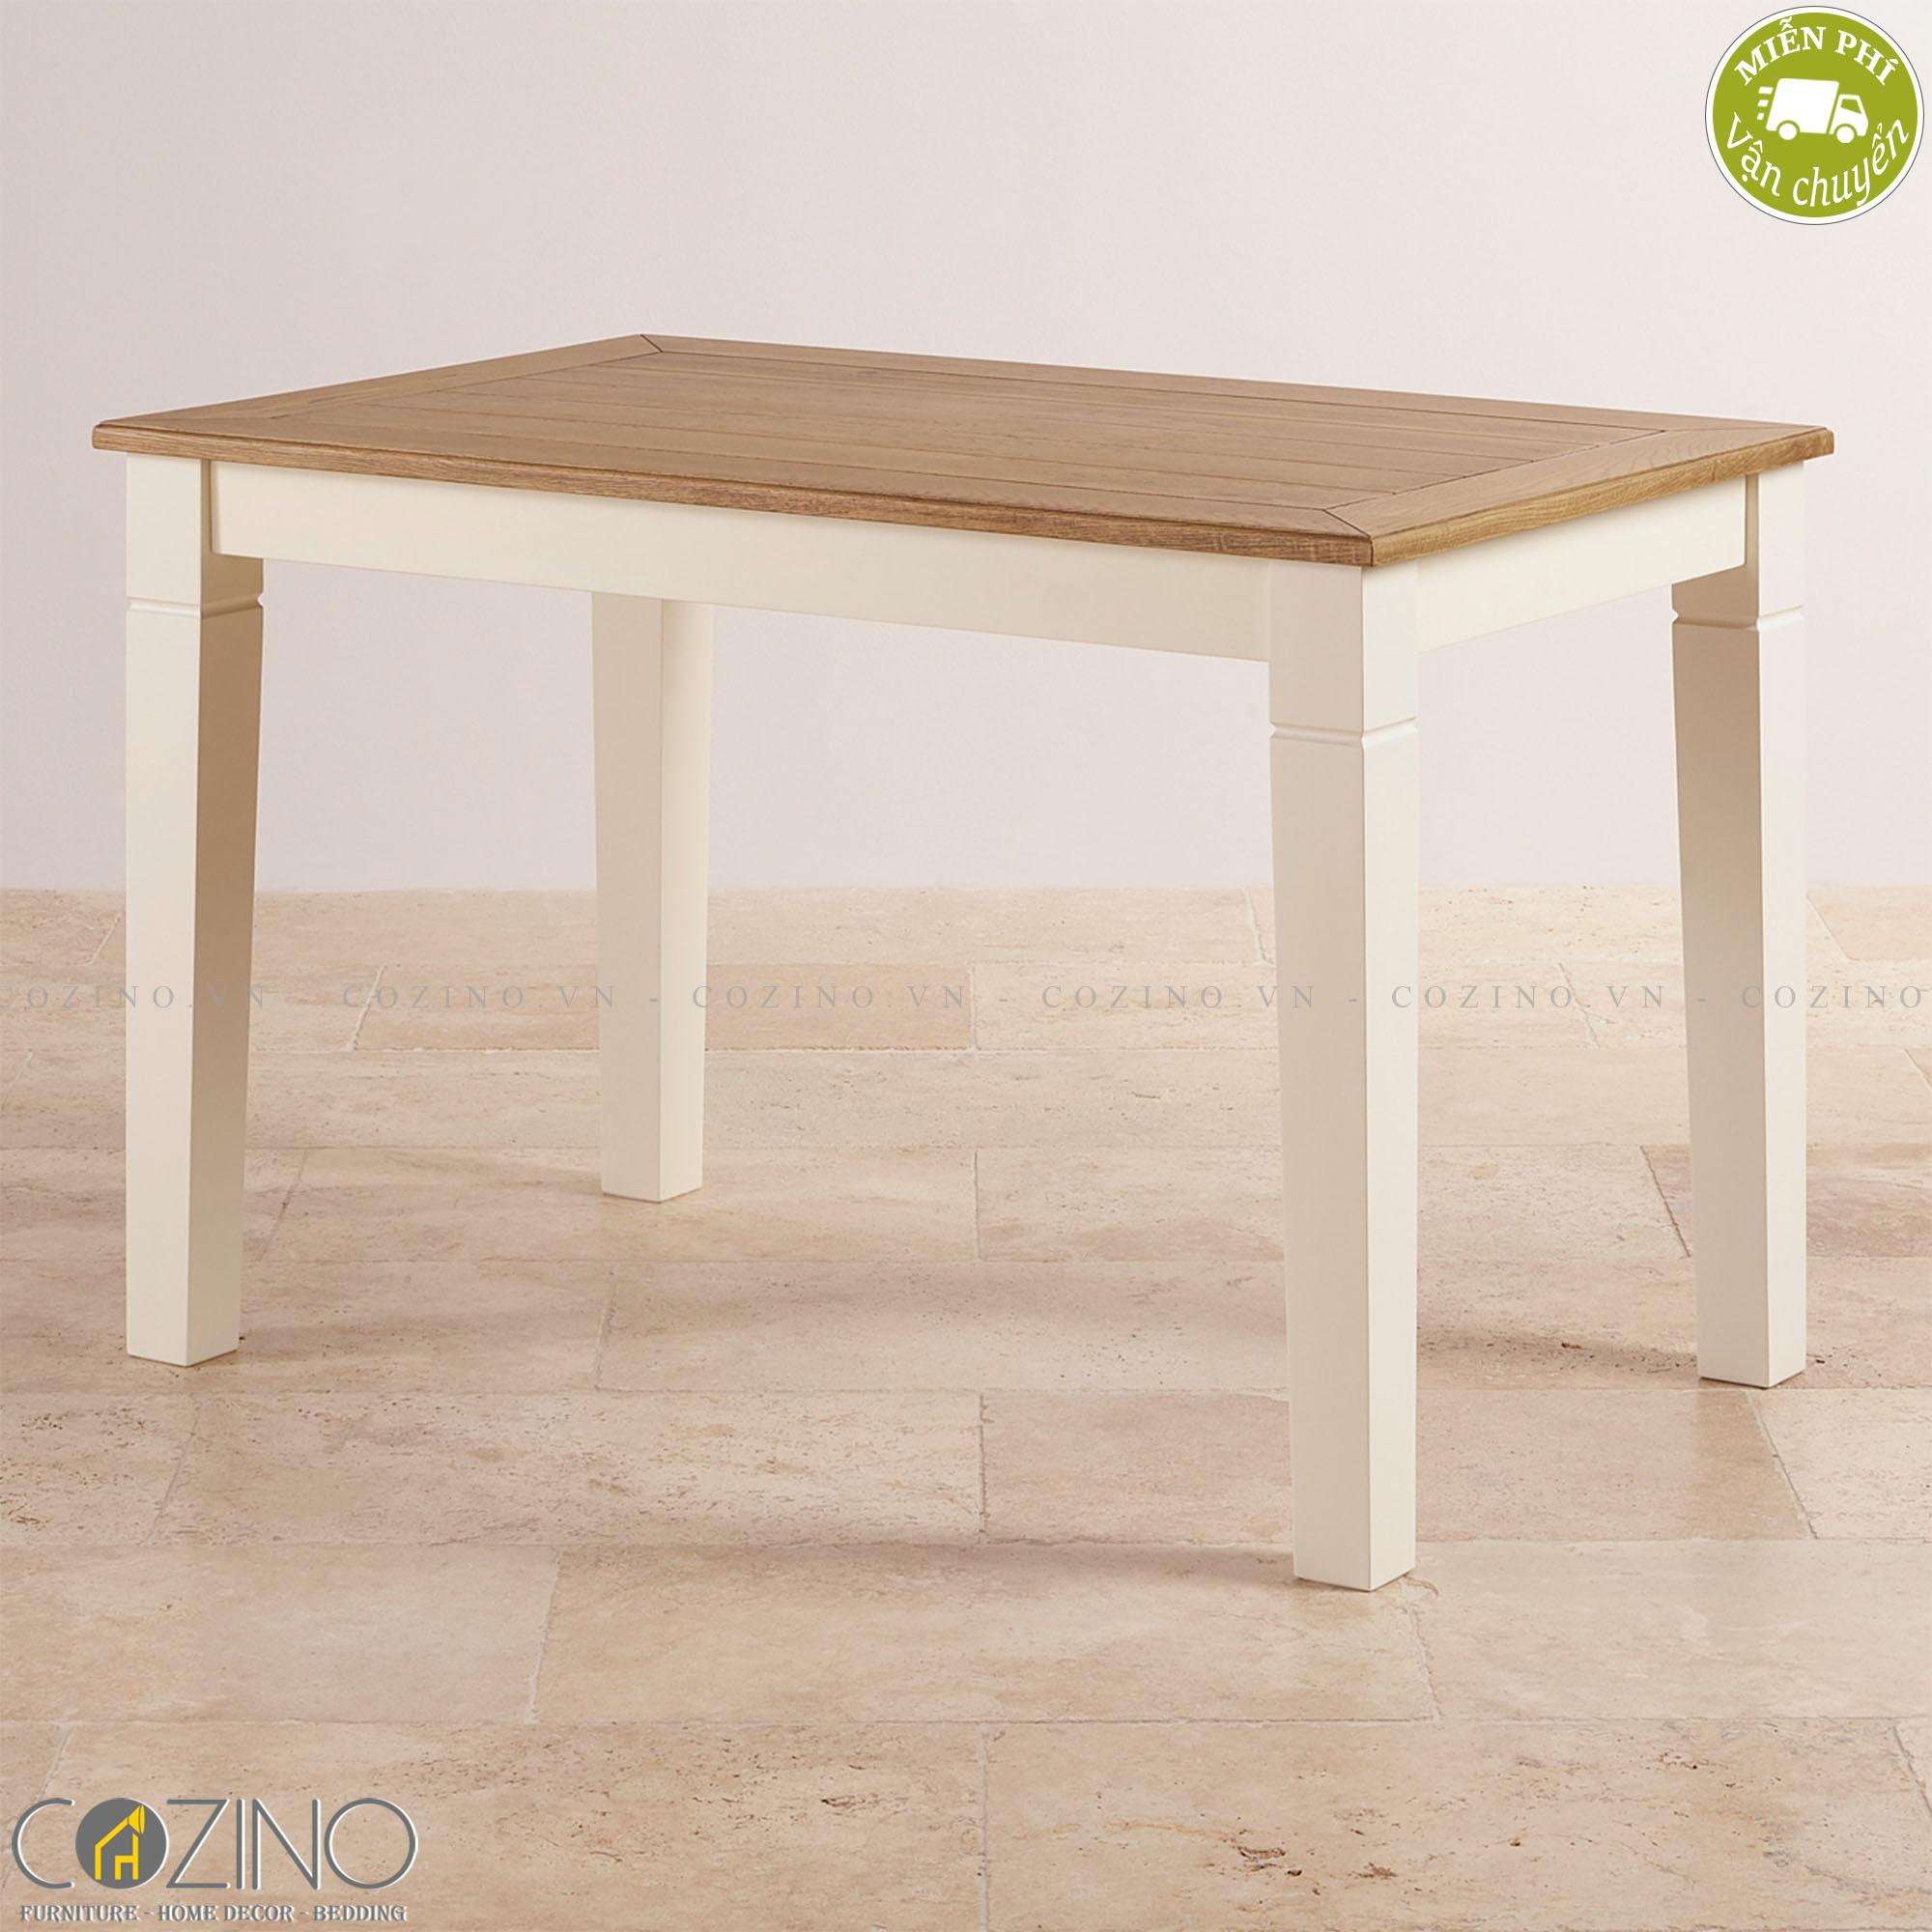 Bàn ăn 2 chỗ Chillon 100% gỗ sồi (60x60cm) - cozino